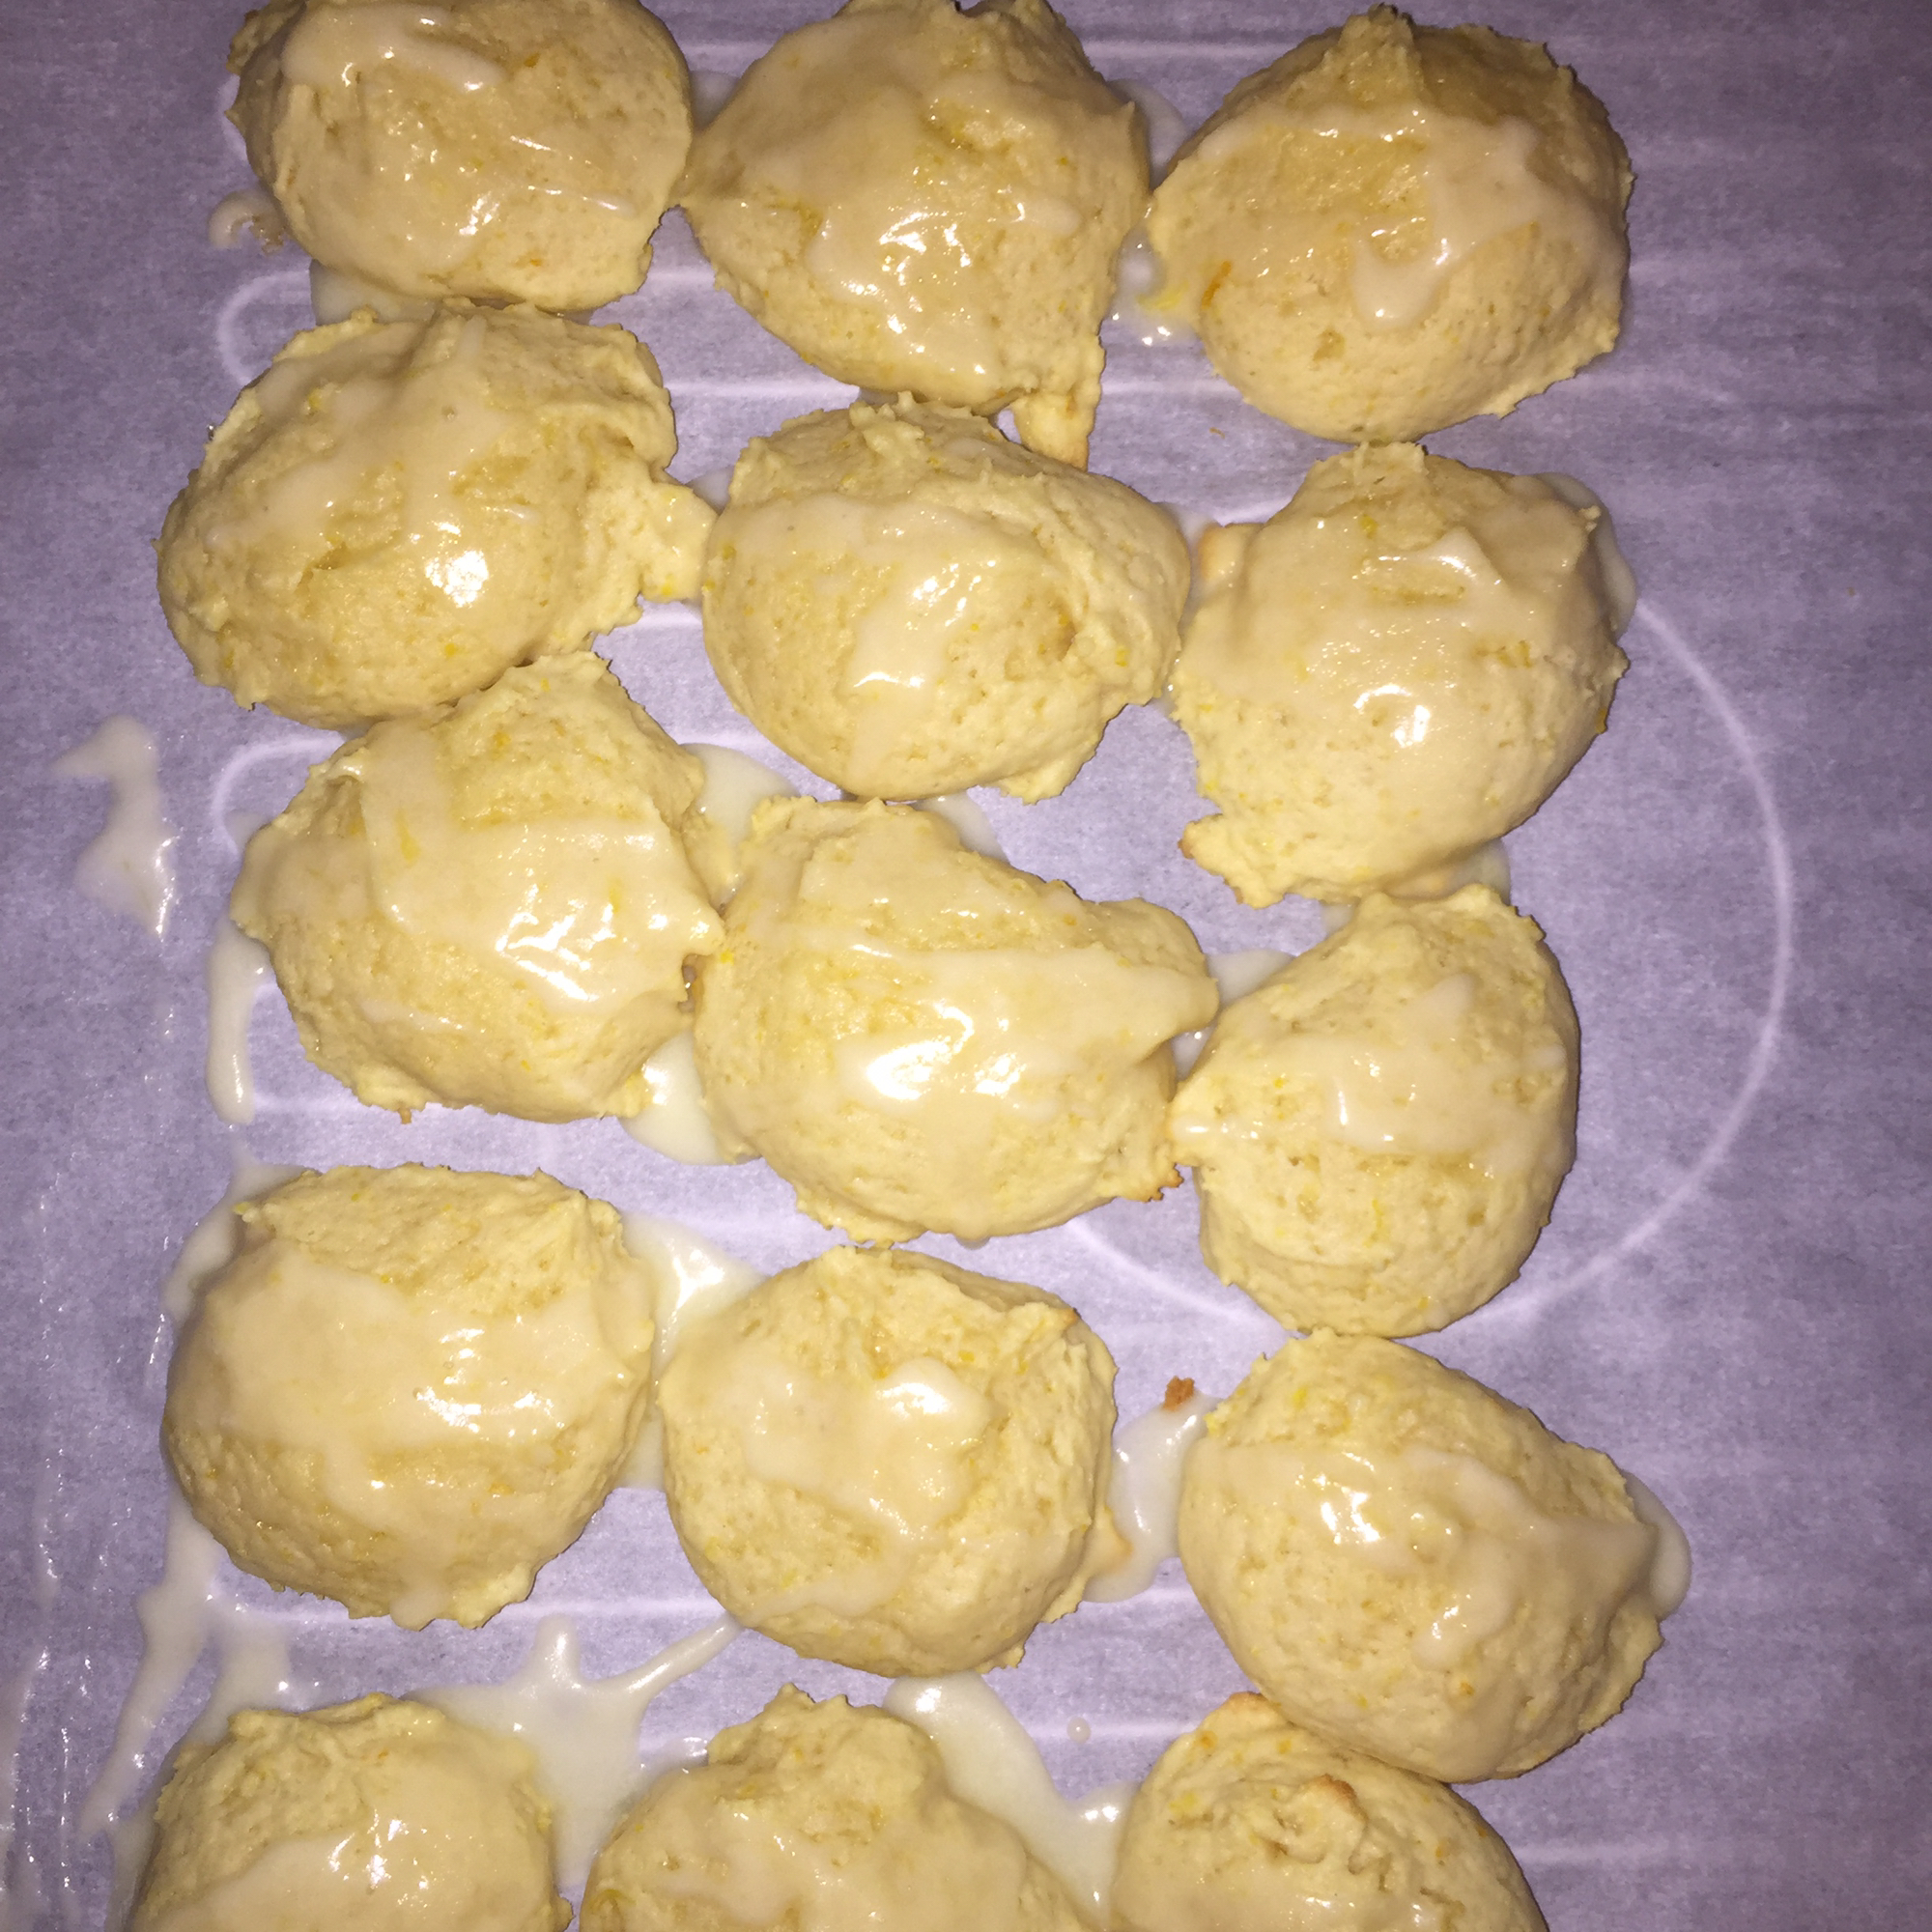 Orange & Lemon Butter Cookies